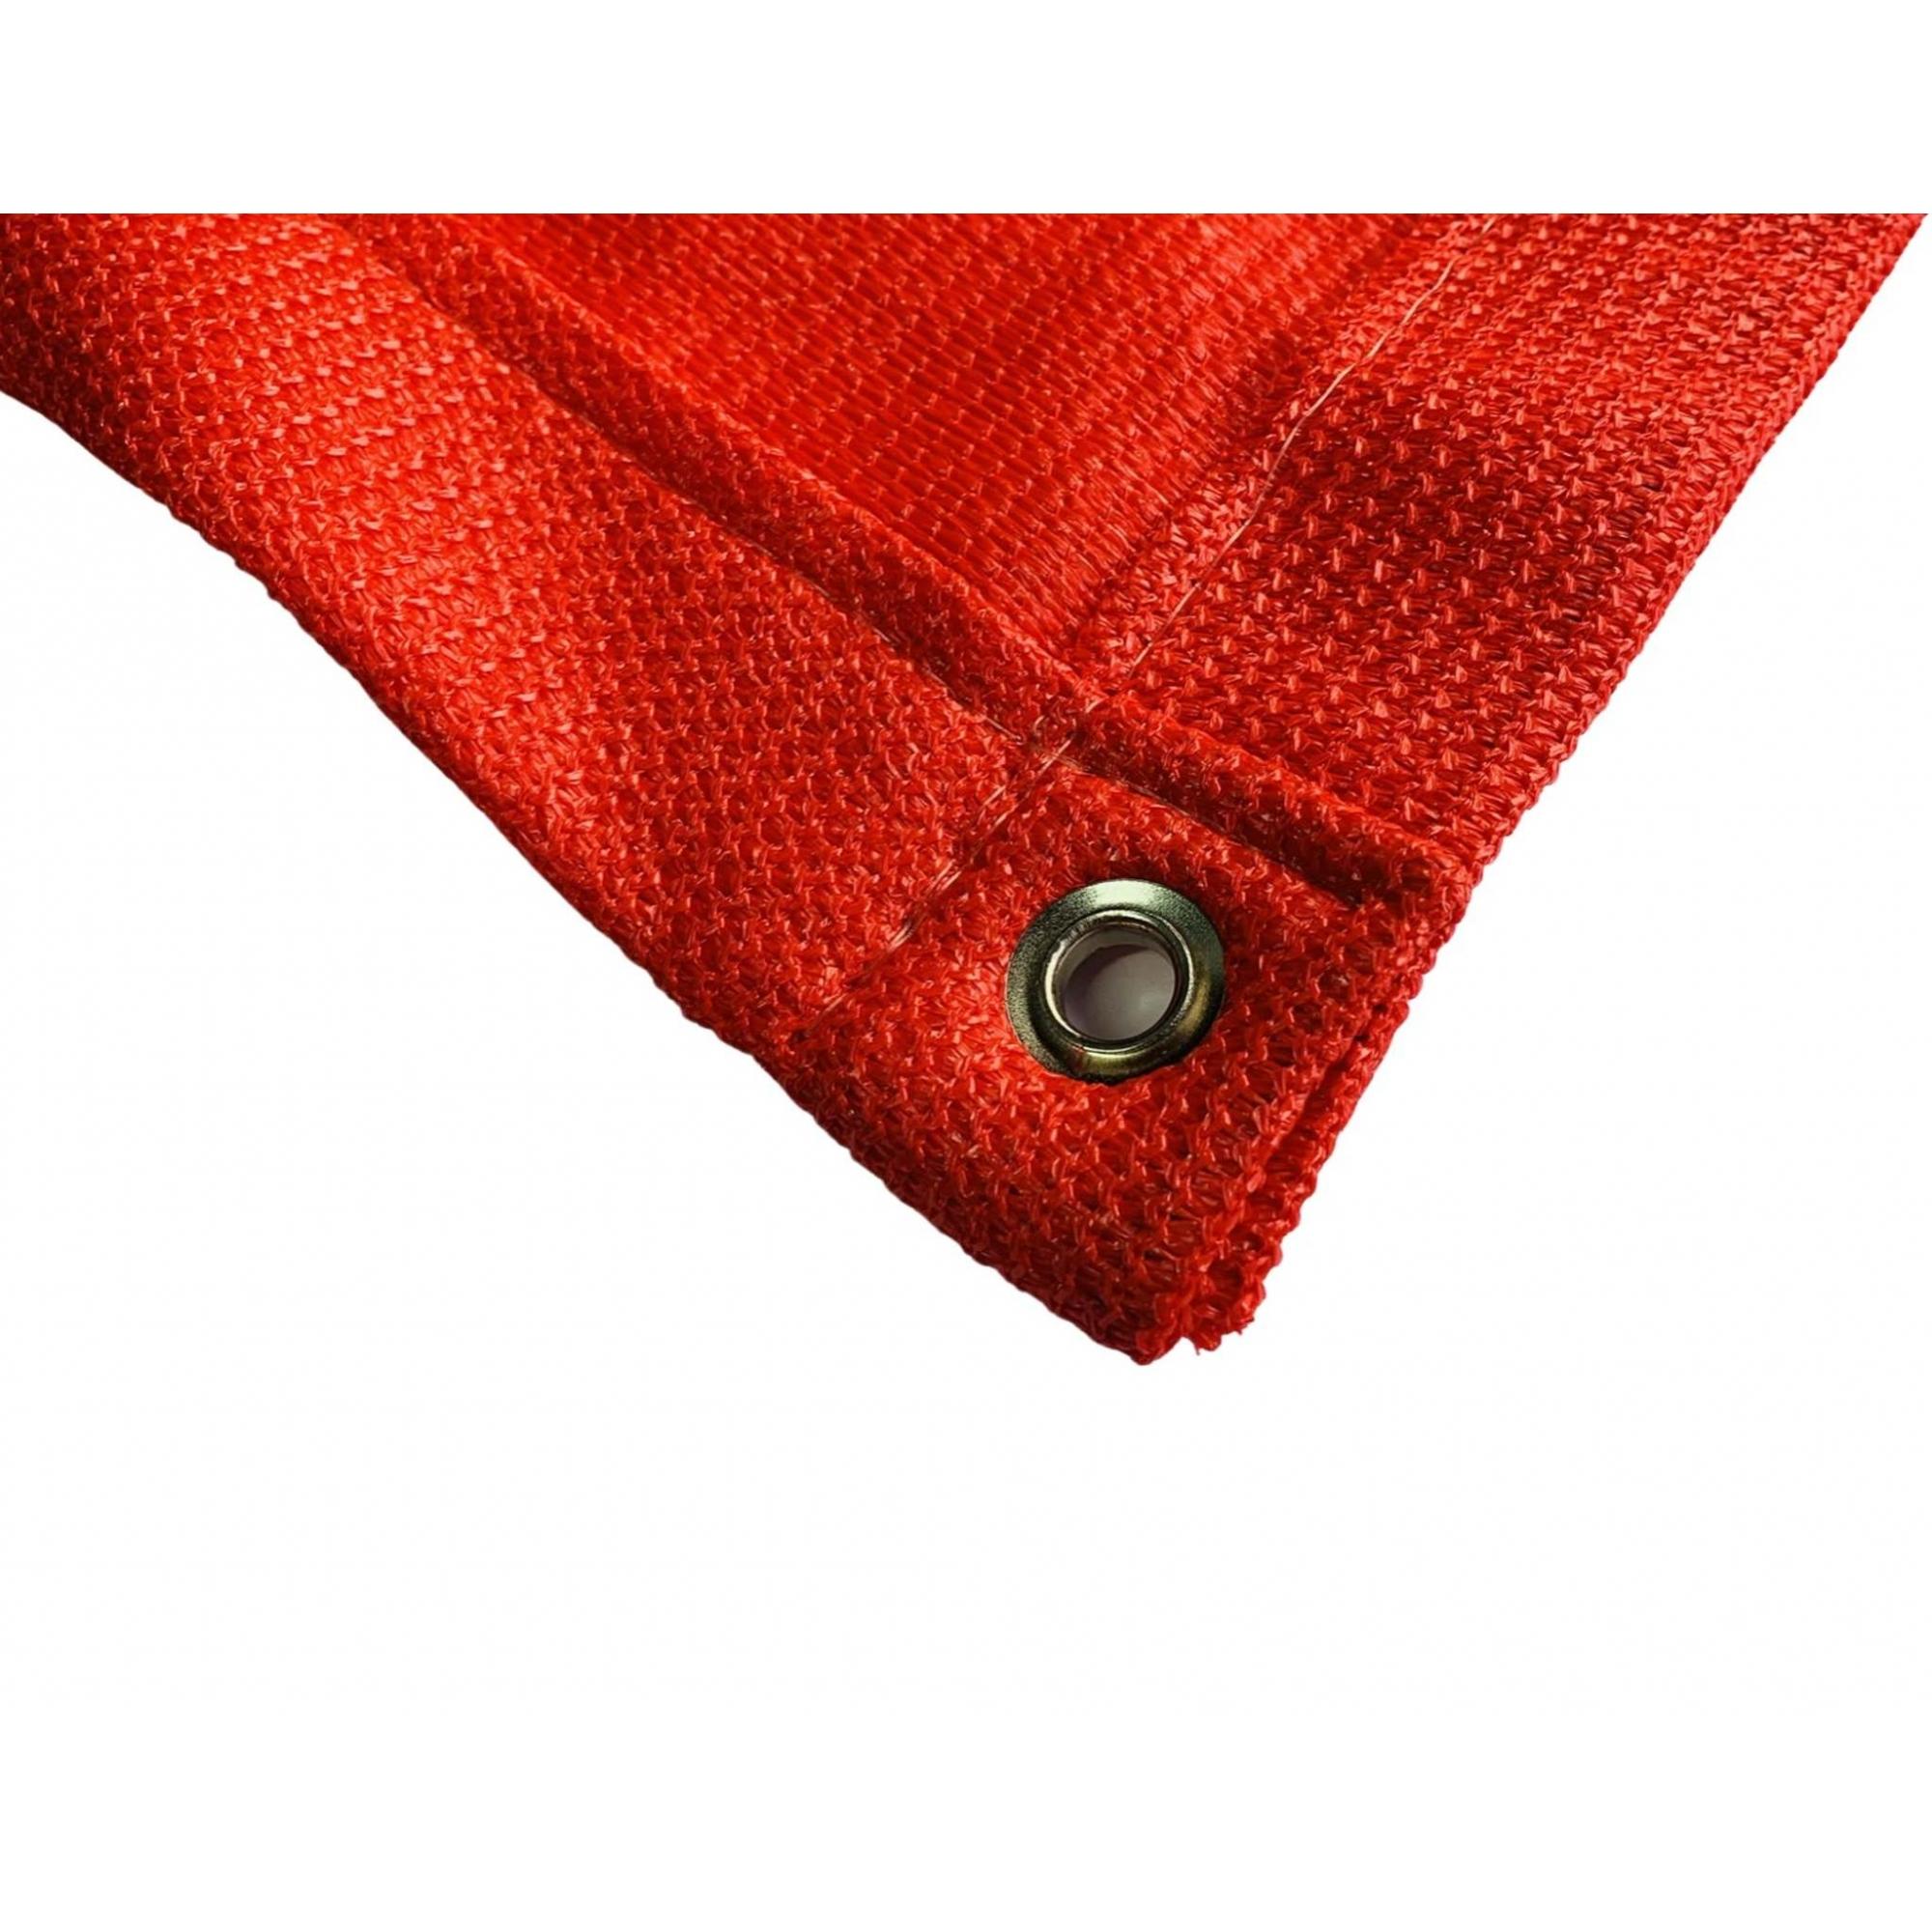 Tela de Sombreamento 90% Vermelha com Bainha e Ilhós - Largura: 1,5 Metros